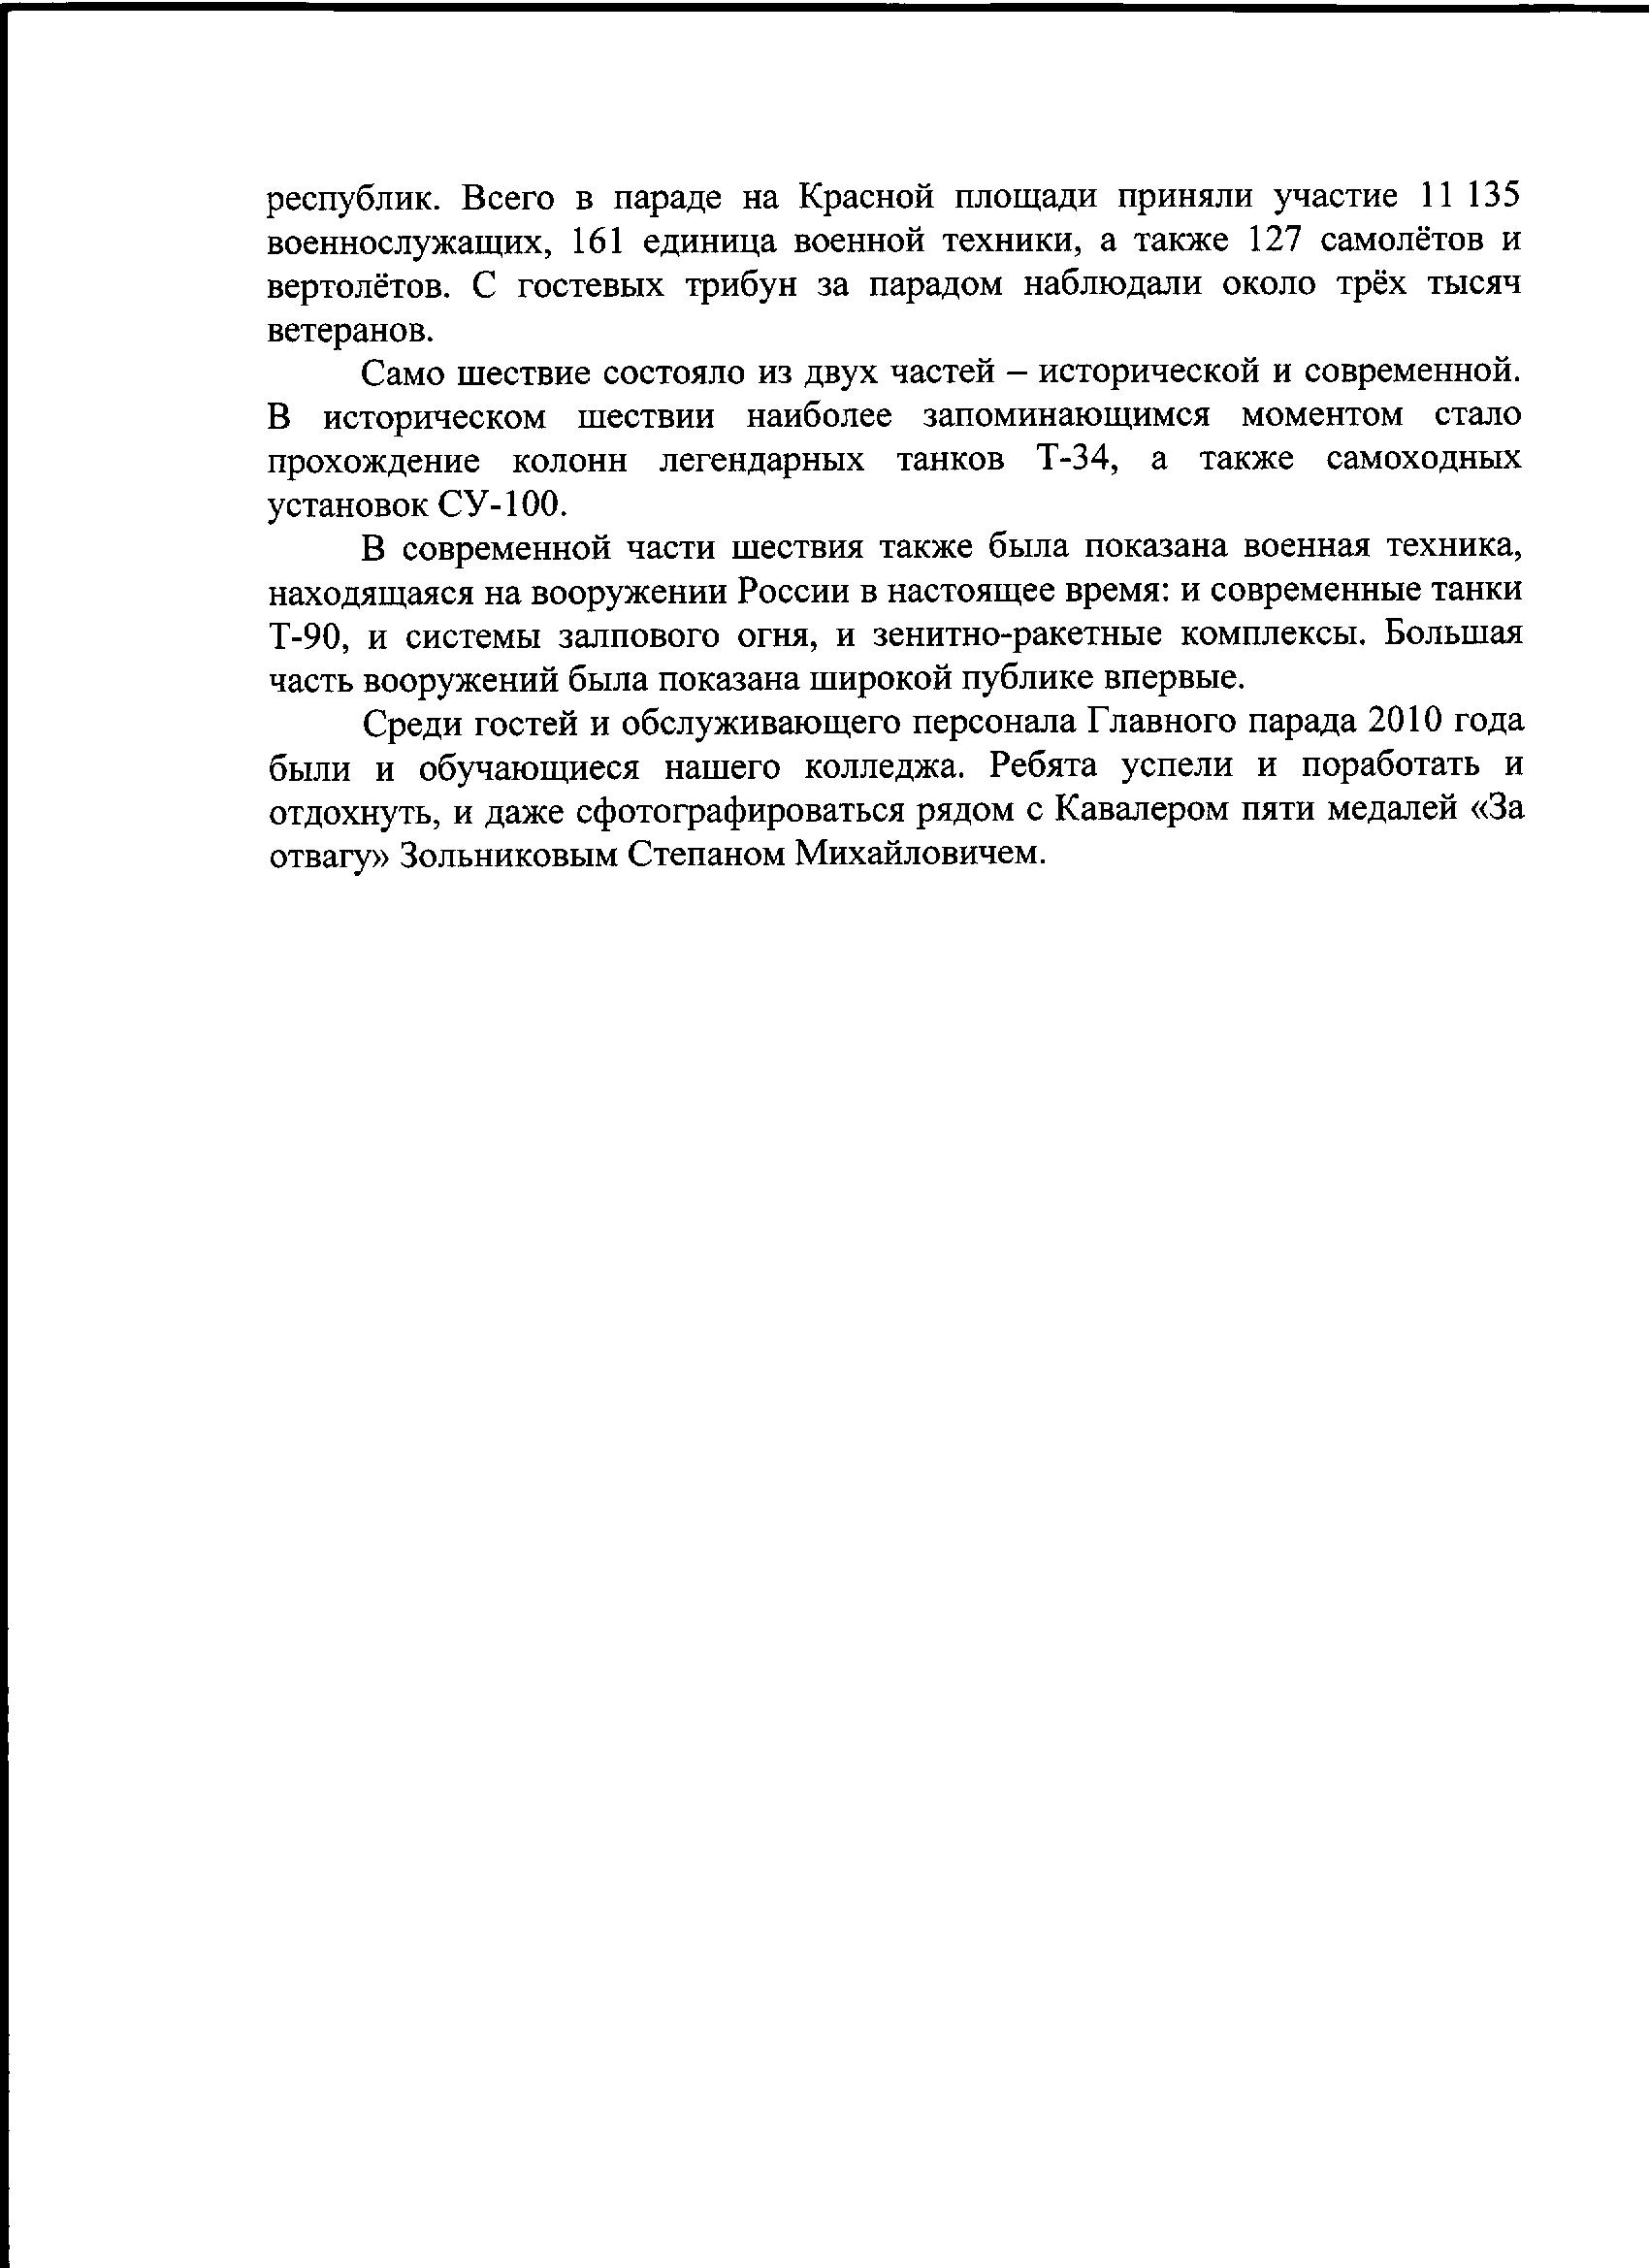 C:\Documents and Settings\Николай\Мои документы\Мои рисунки\Парадя папка\Парад 4.bmp